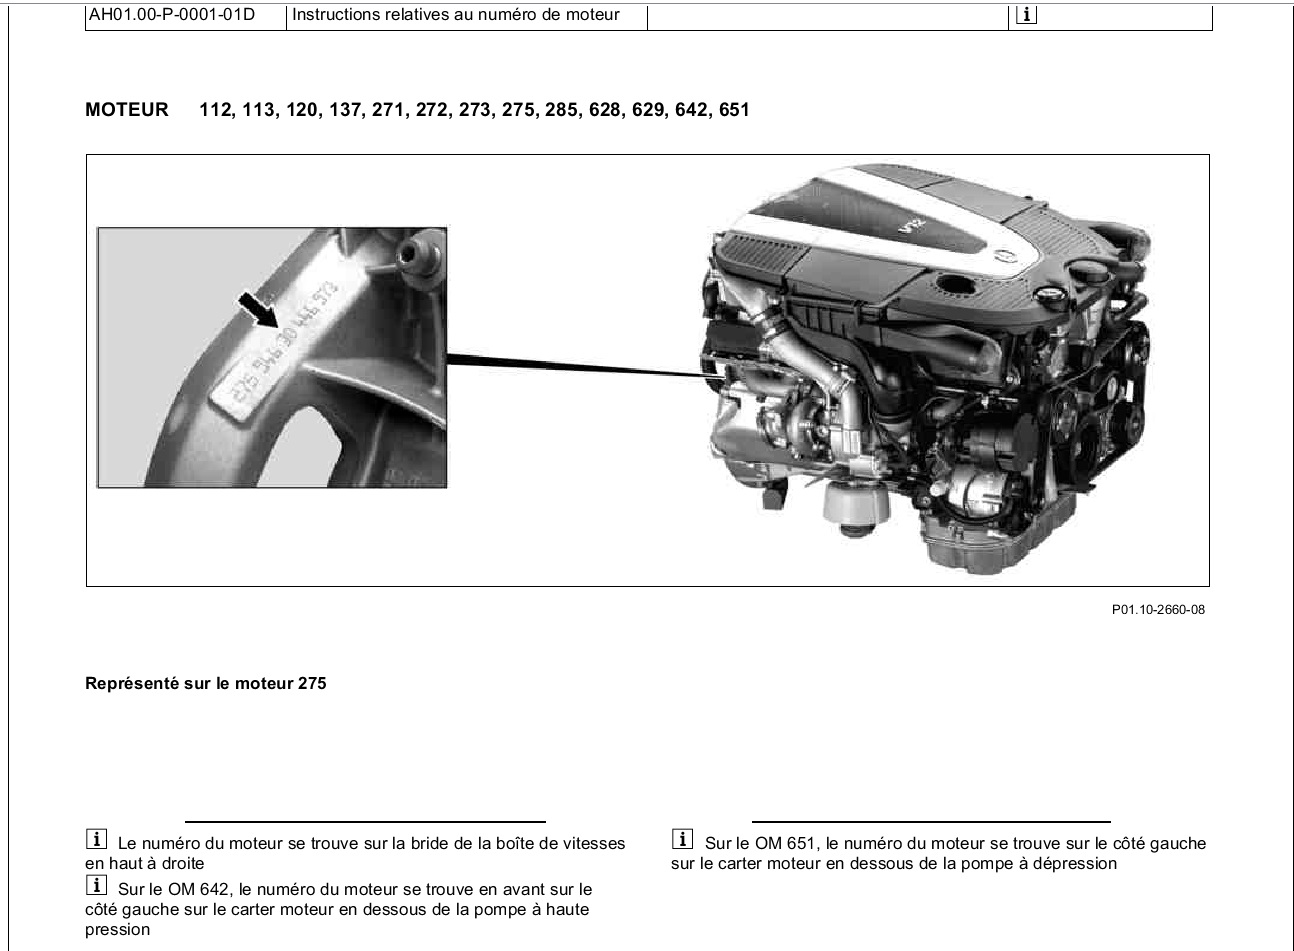 instruction-relatives-au-numero-de-moteur.jpg